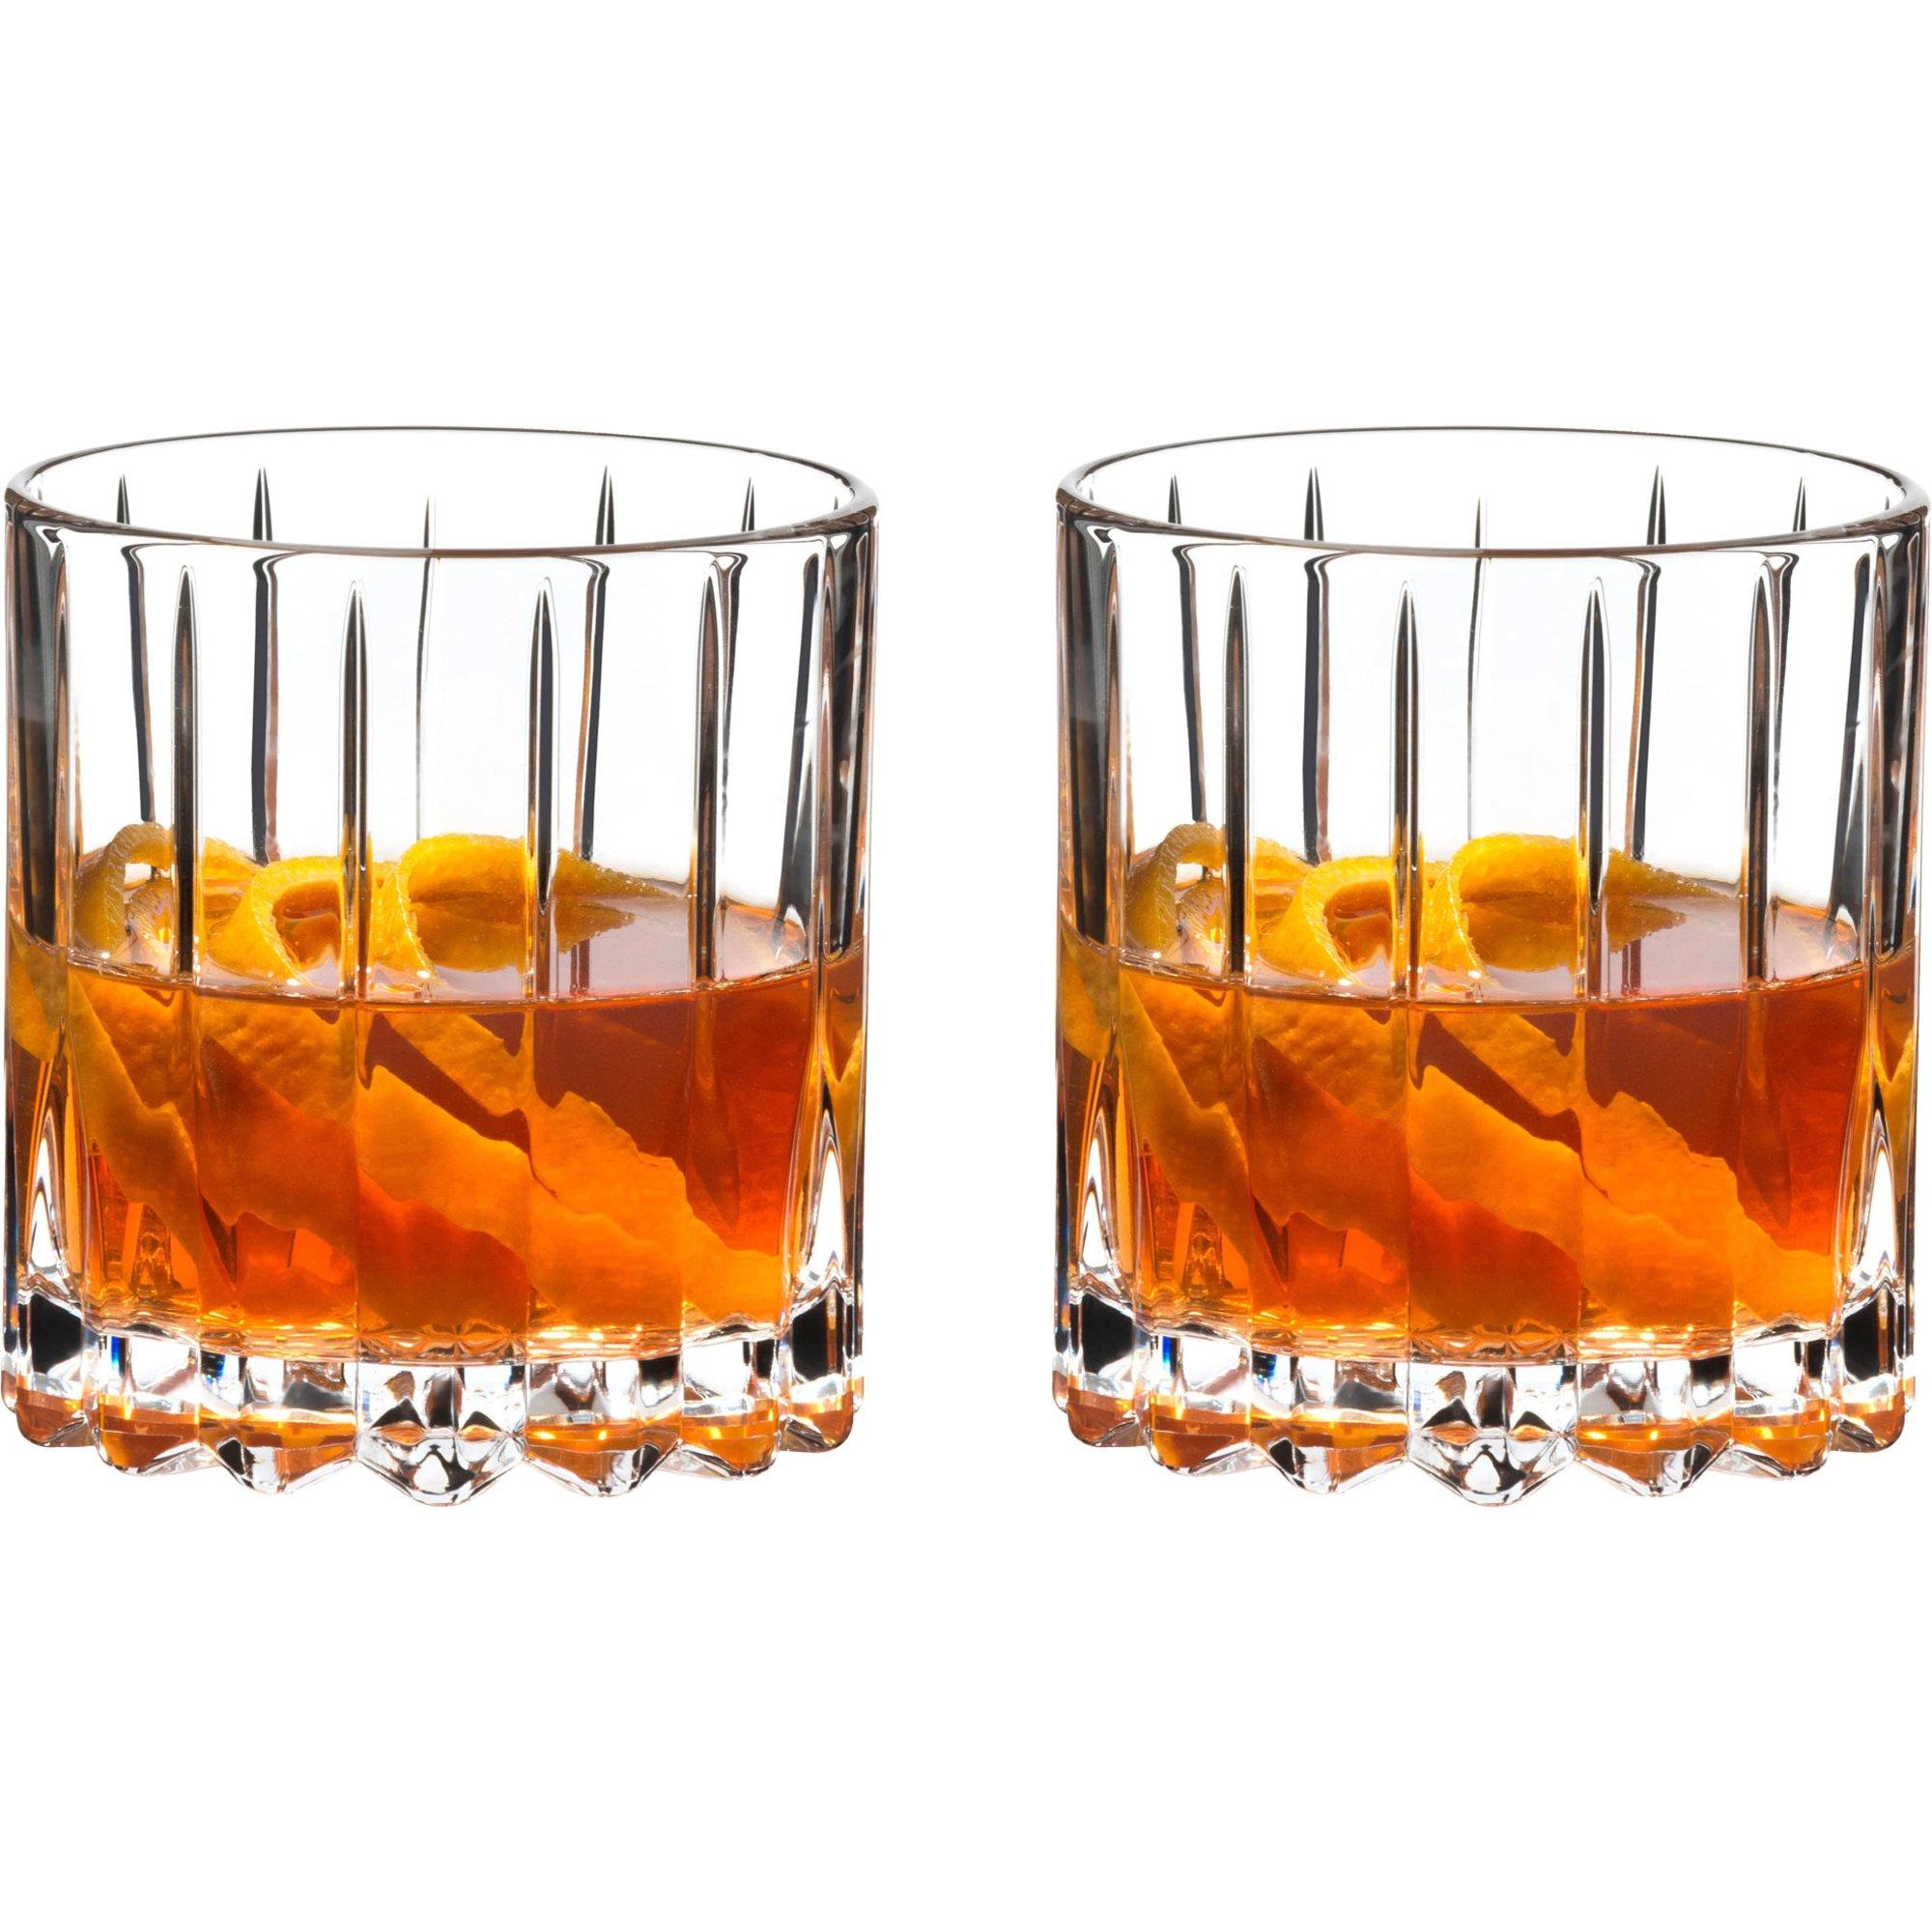 Riedel Neat drinkglas från Drink Specific 2 st.